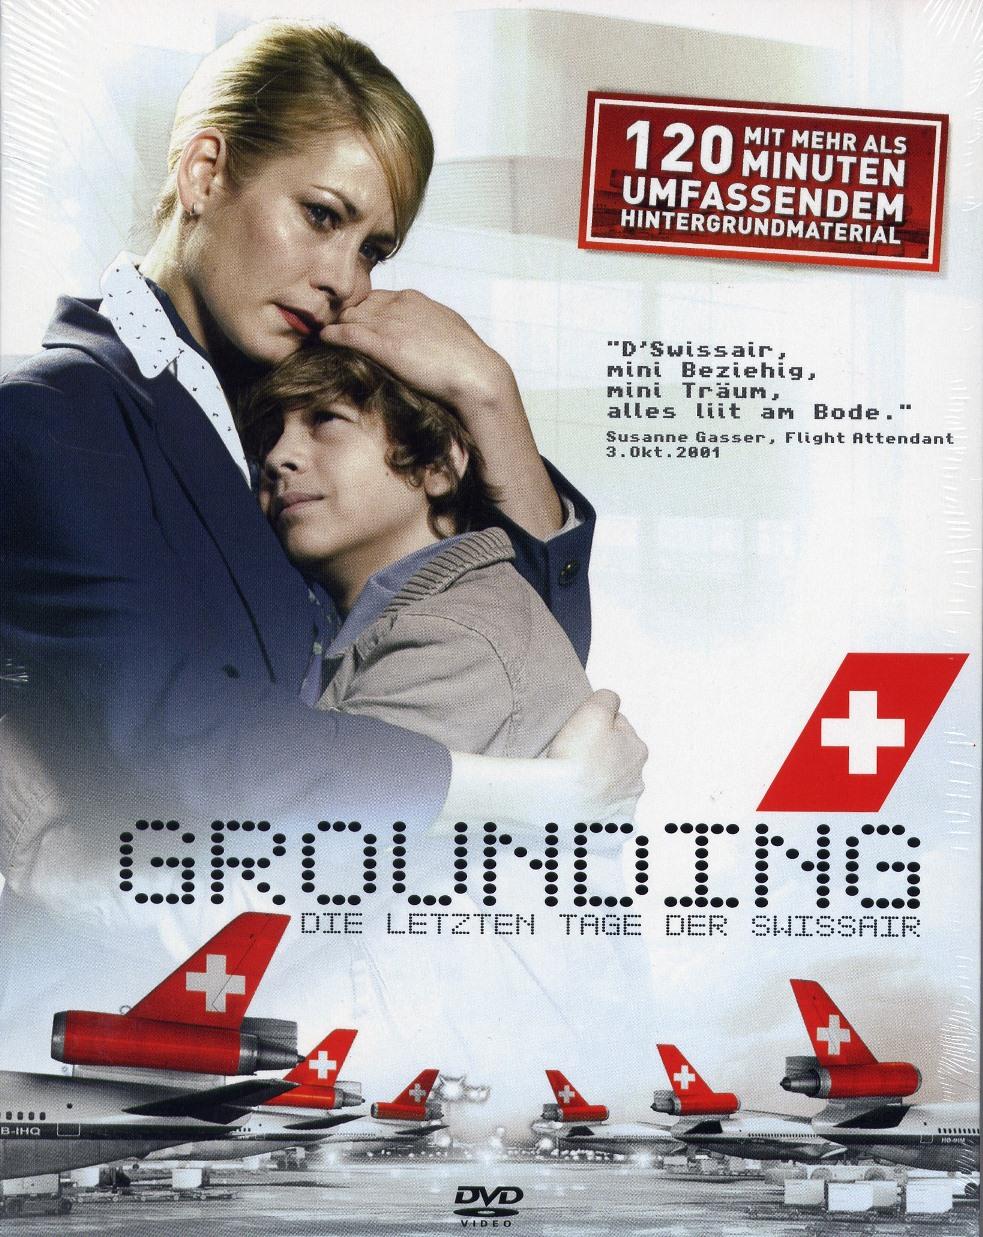 Swiss_air_Grounding